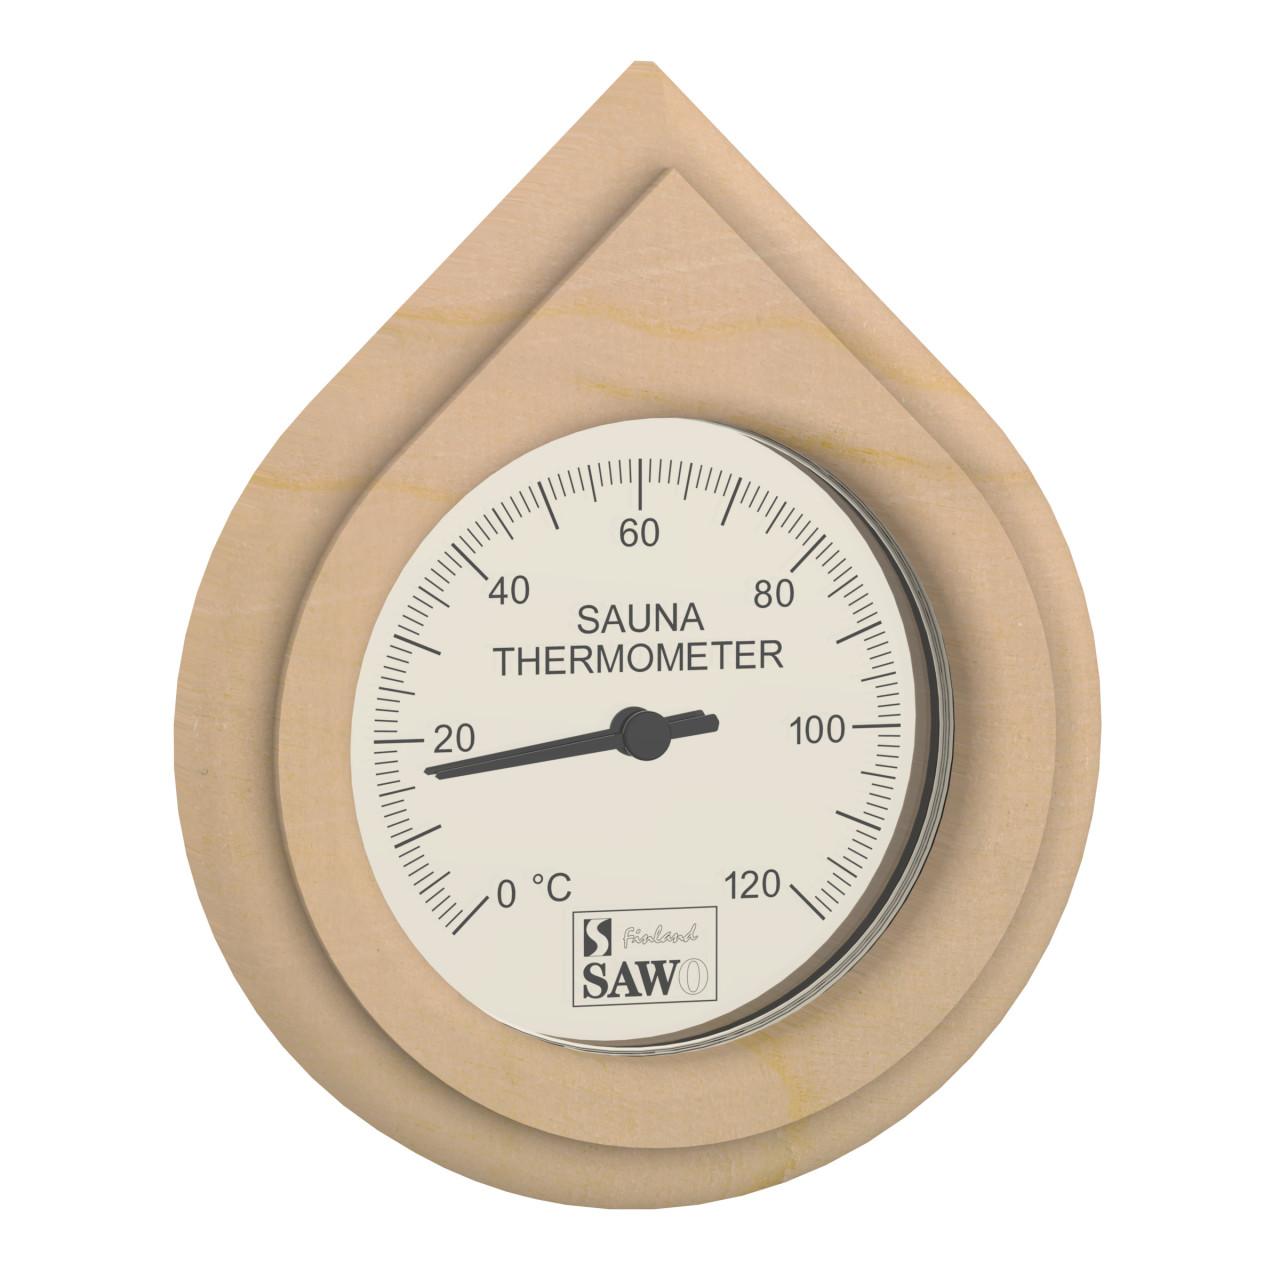 Sawo DROP thermometer